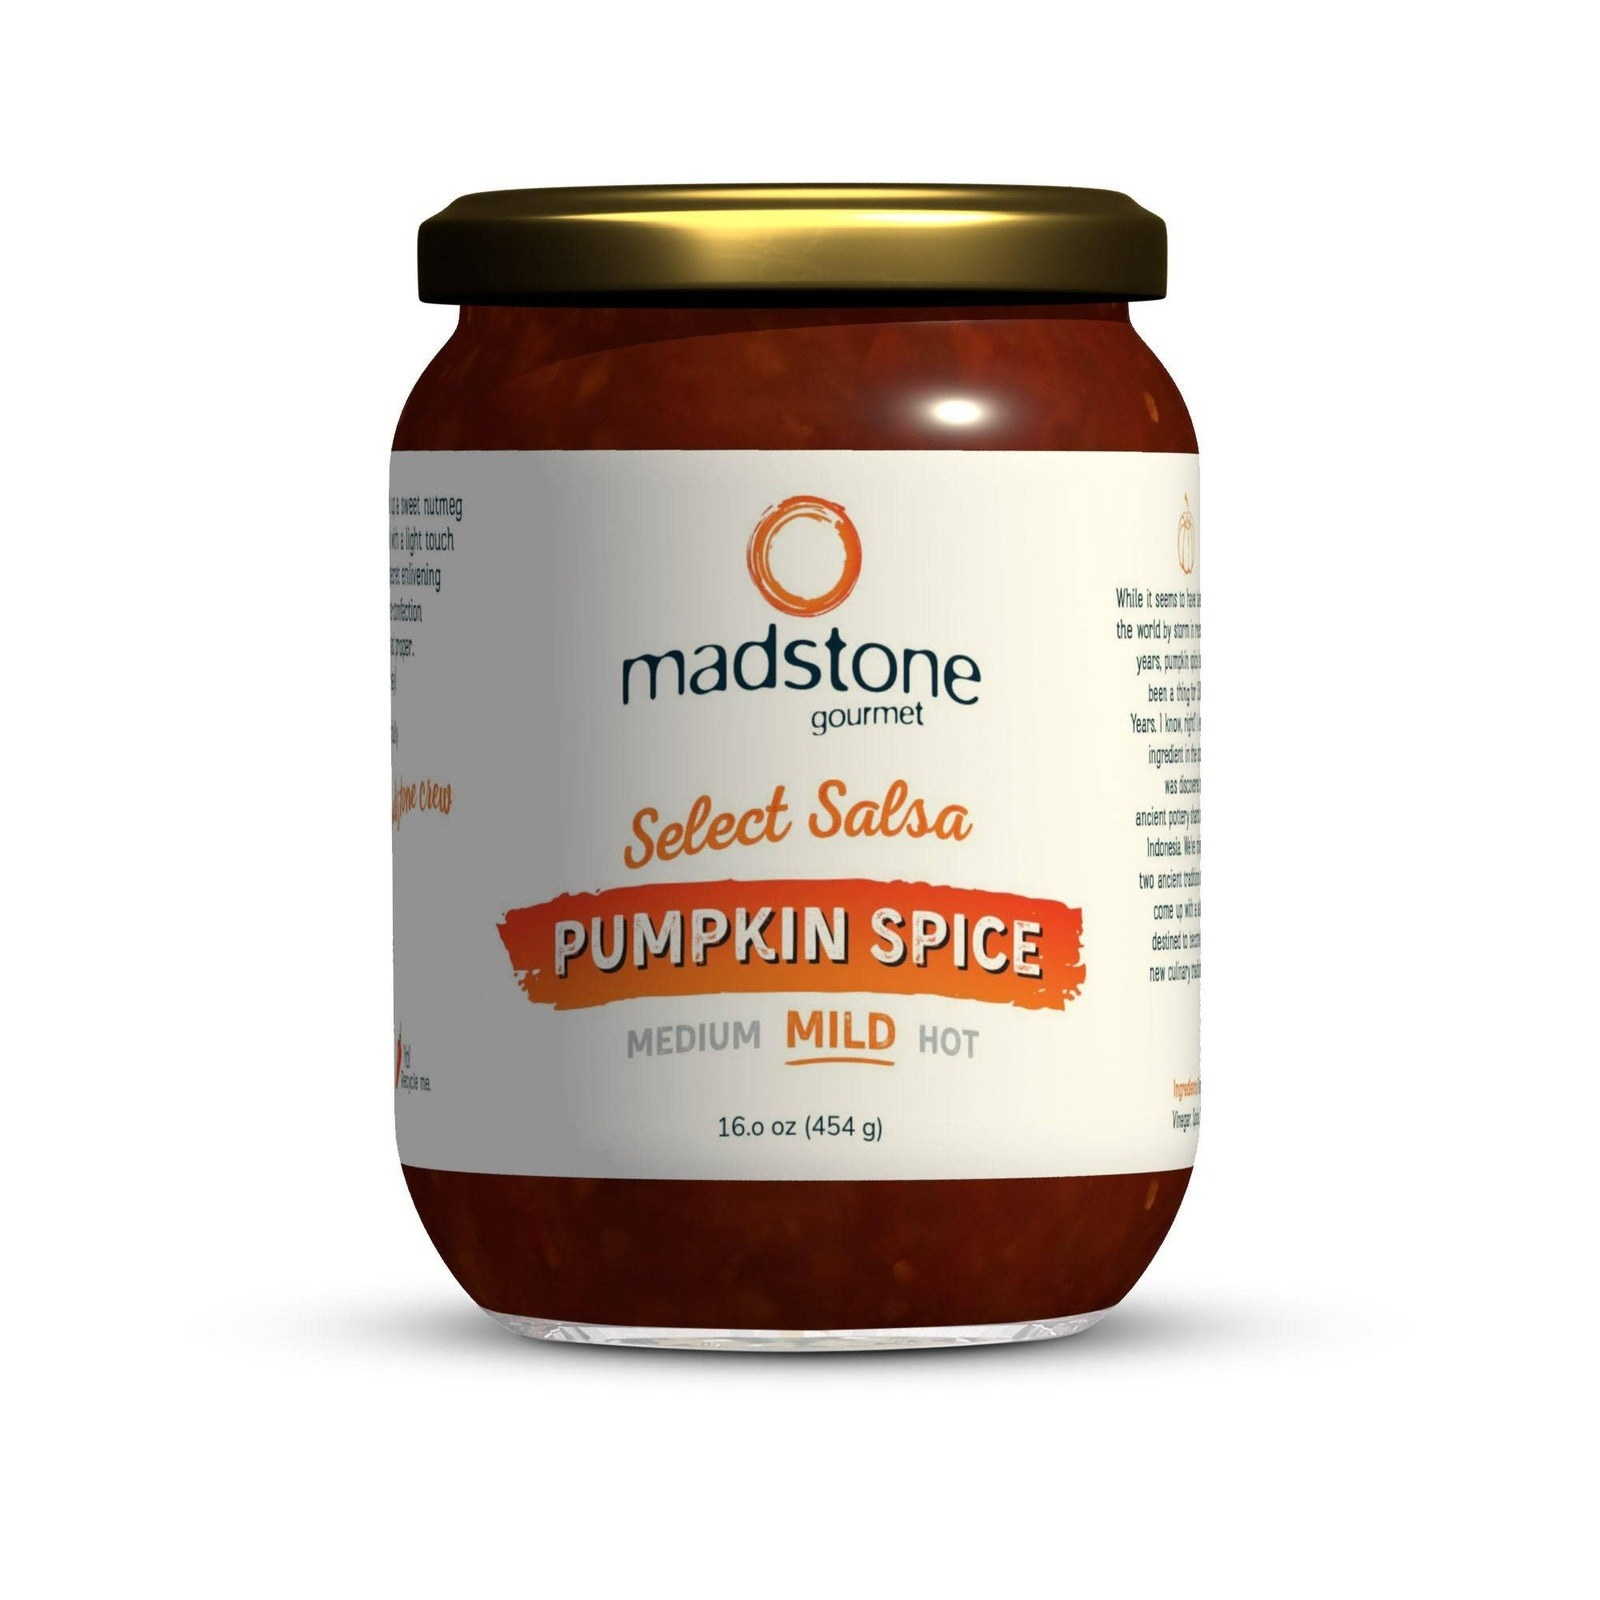 Pumpkin spice mild salsa